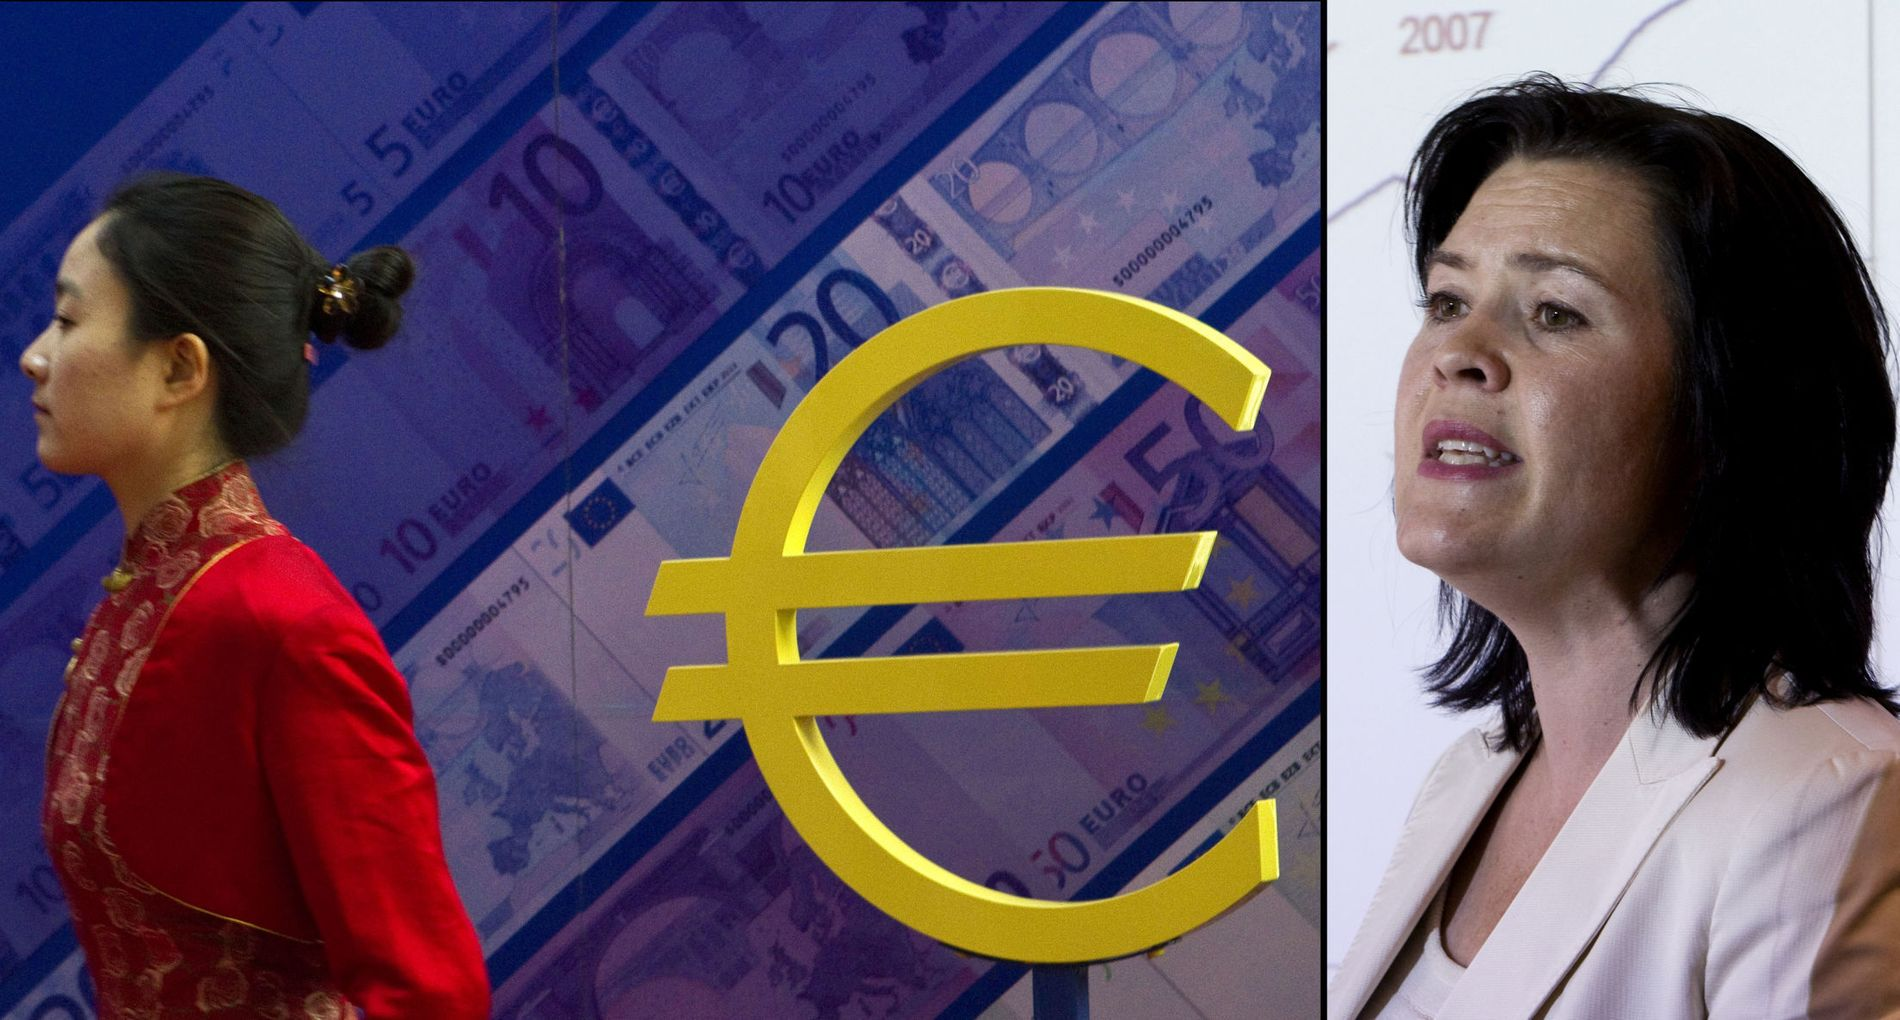 VENDER EURO RYGGEN: Sjeføkonom Elisabeth Holvik i Sparebank 1 Gruppen mener de politiske kostnadene ved å utjevne ubalansene i euroområdet blir for store.